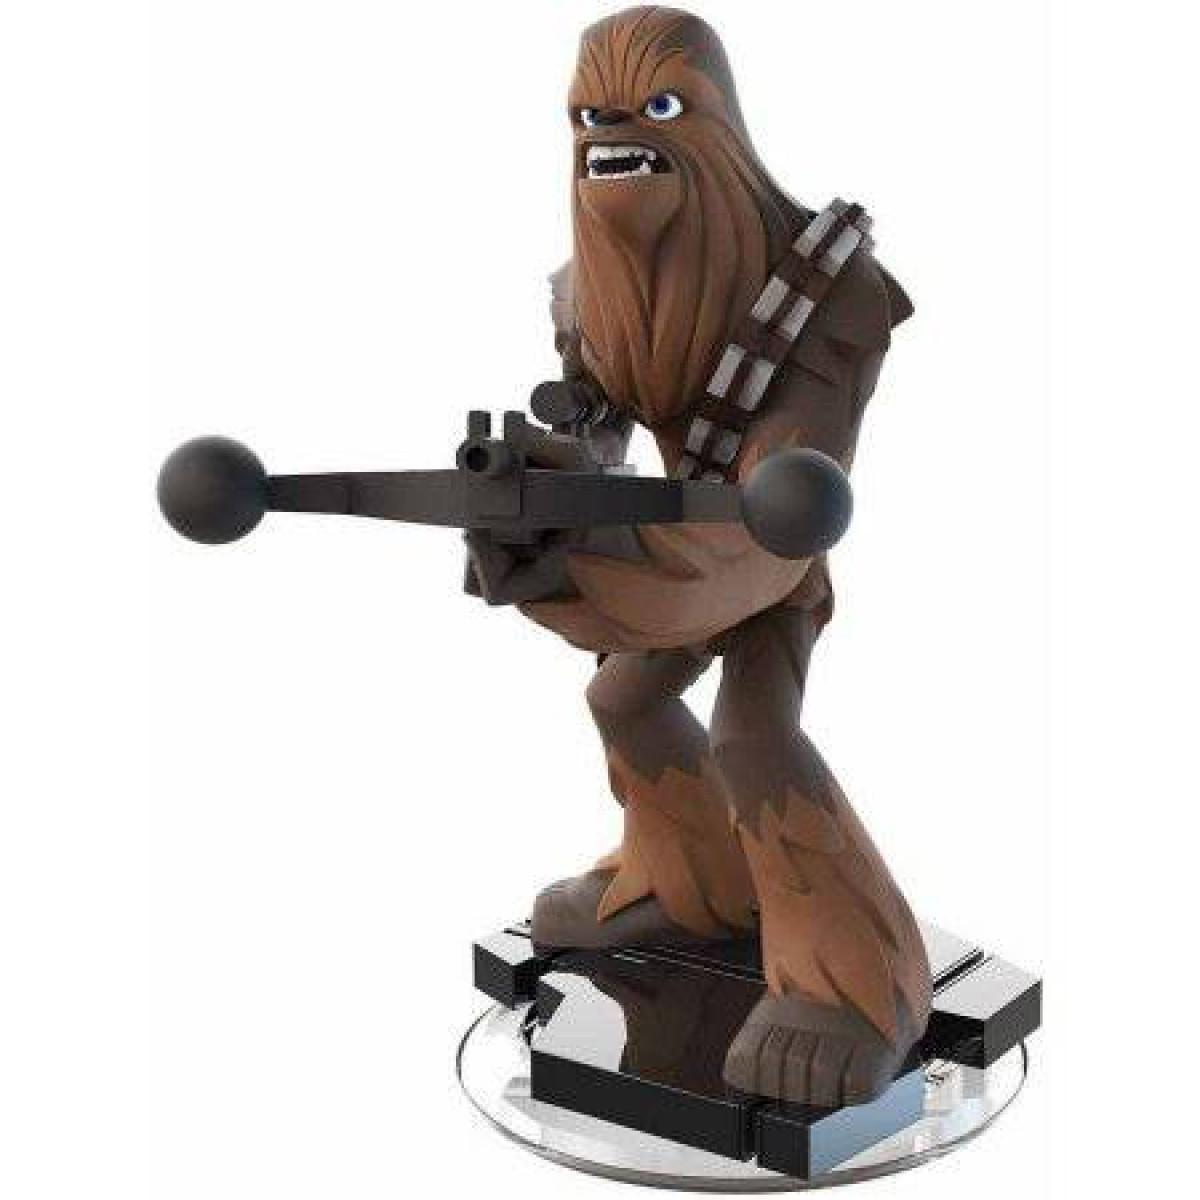 Disney Infinity 3.0 - Chewbacca játékfigura